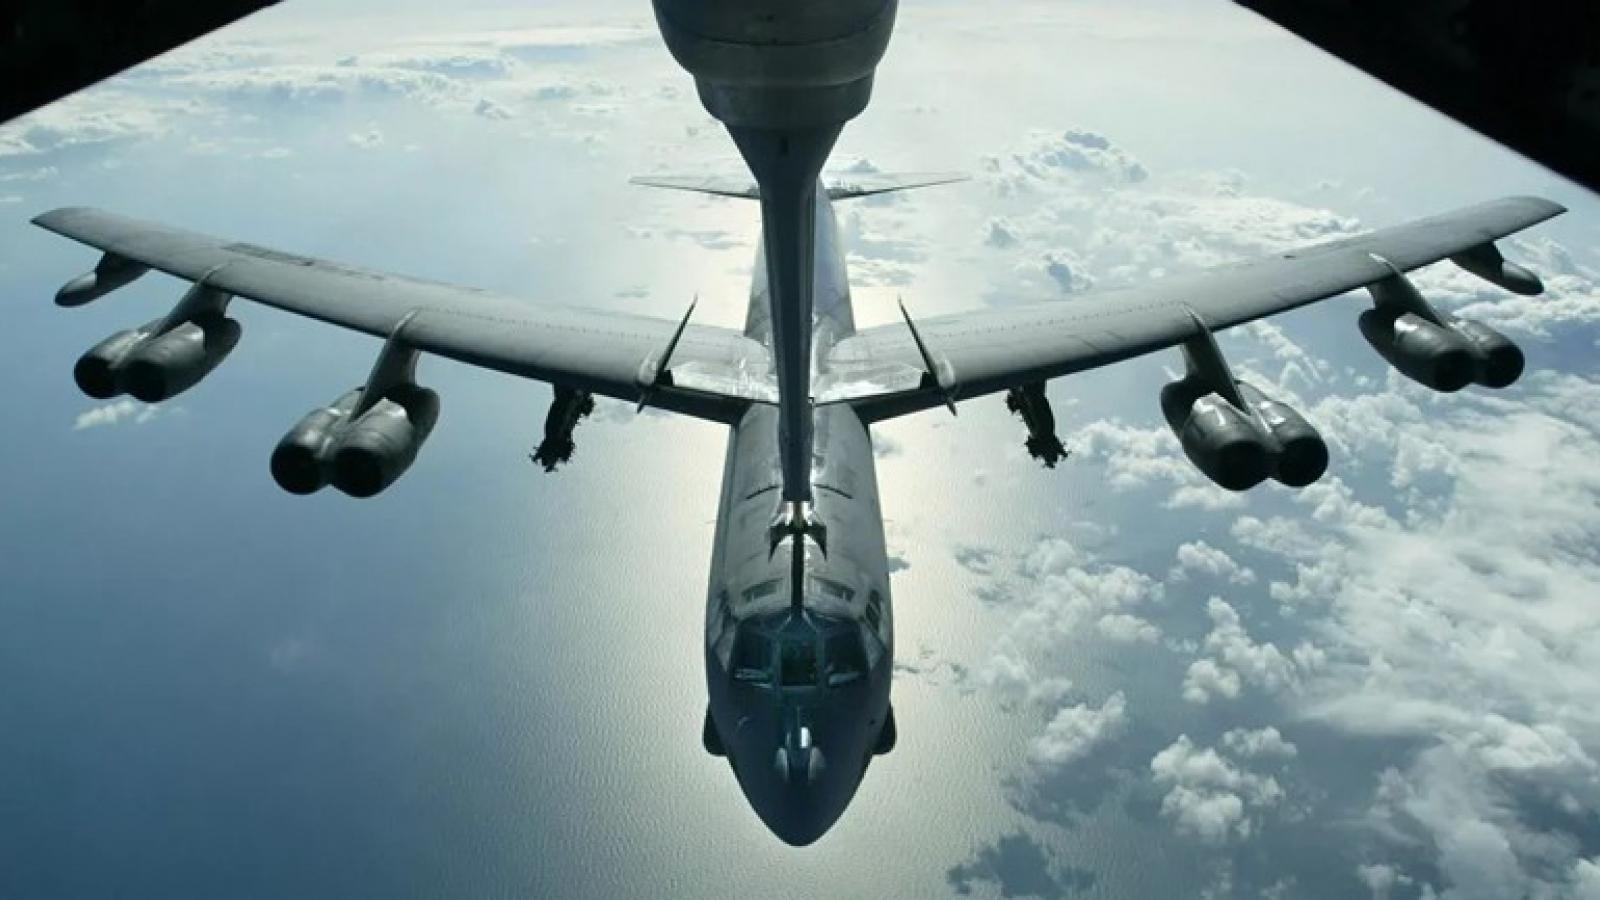 Chiến đấu cơ Su-30 của Nga chặn 3 máy bay quân sự Mỹ trên Biển Đen